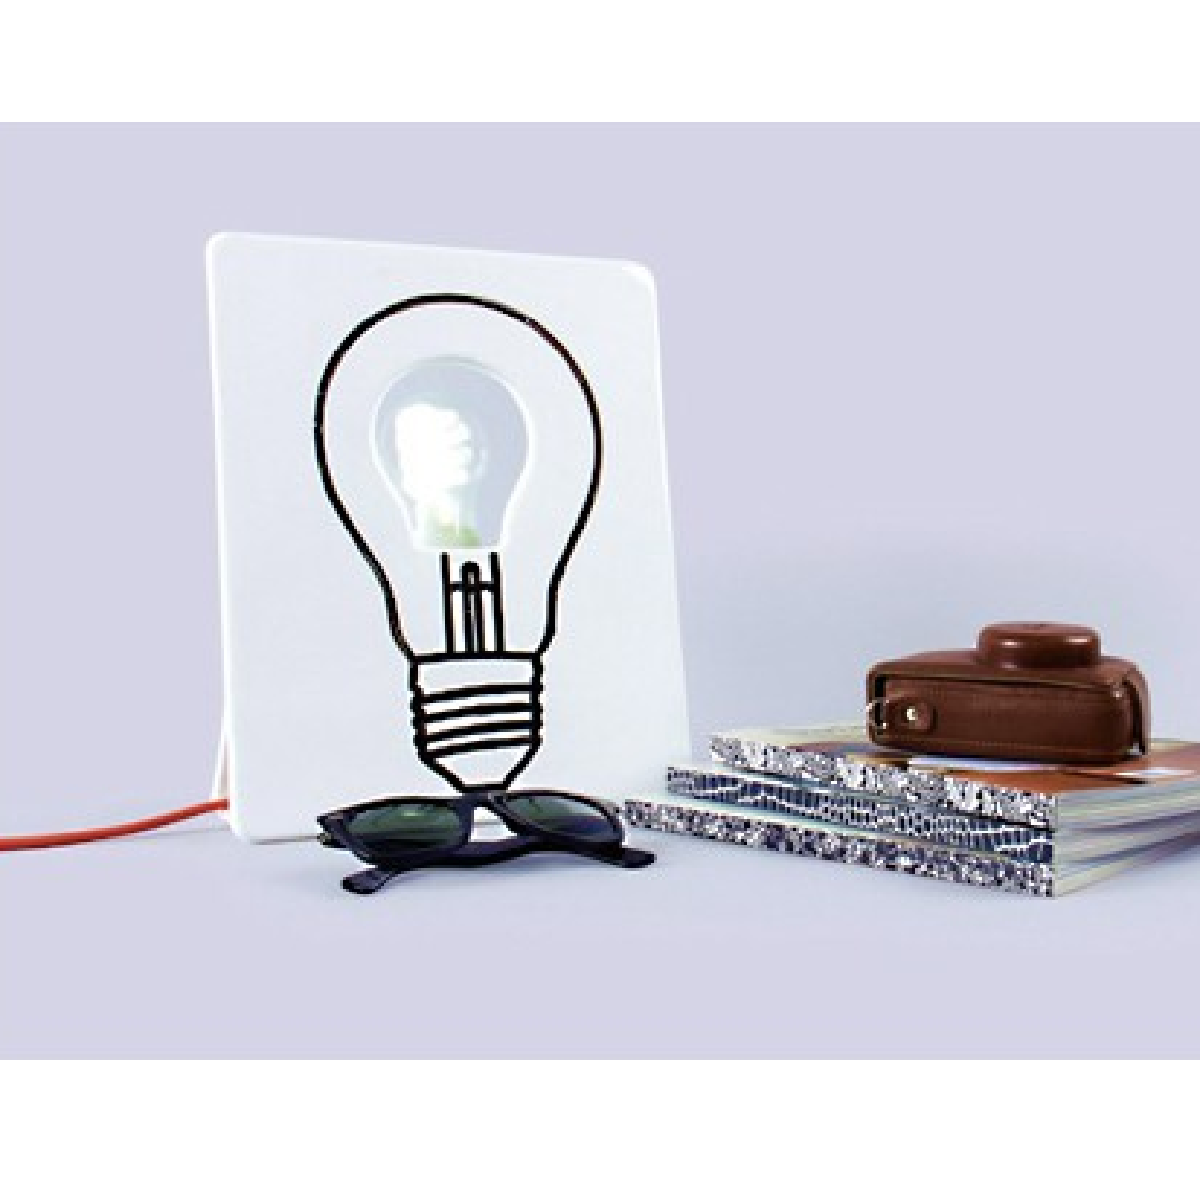 cadeaux 2 ouf id es de cadeaux insolites et originaux une lampe unique c est vous qui la. Black Bedroom Furniture Sets. Home Design Ideas